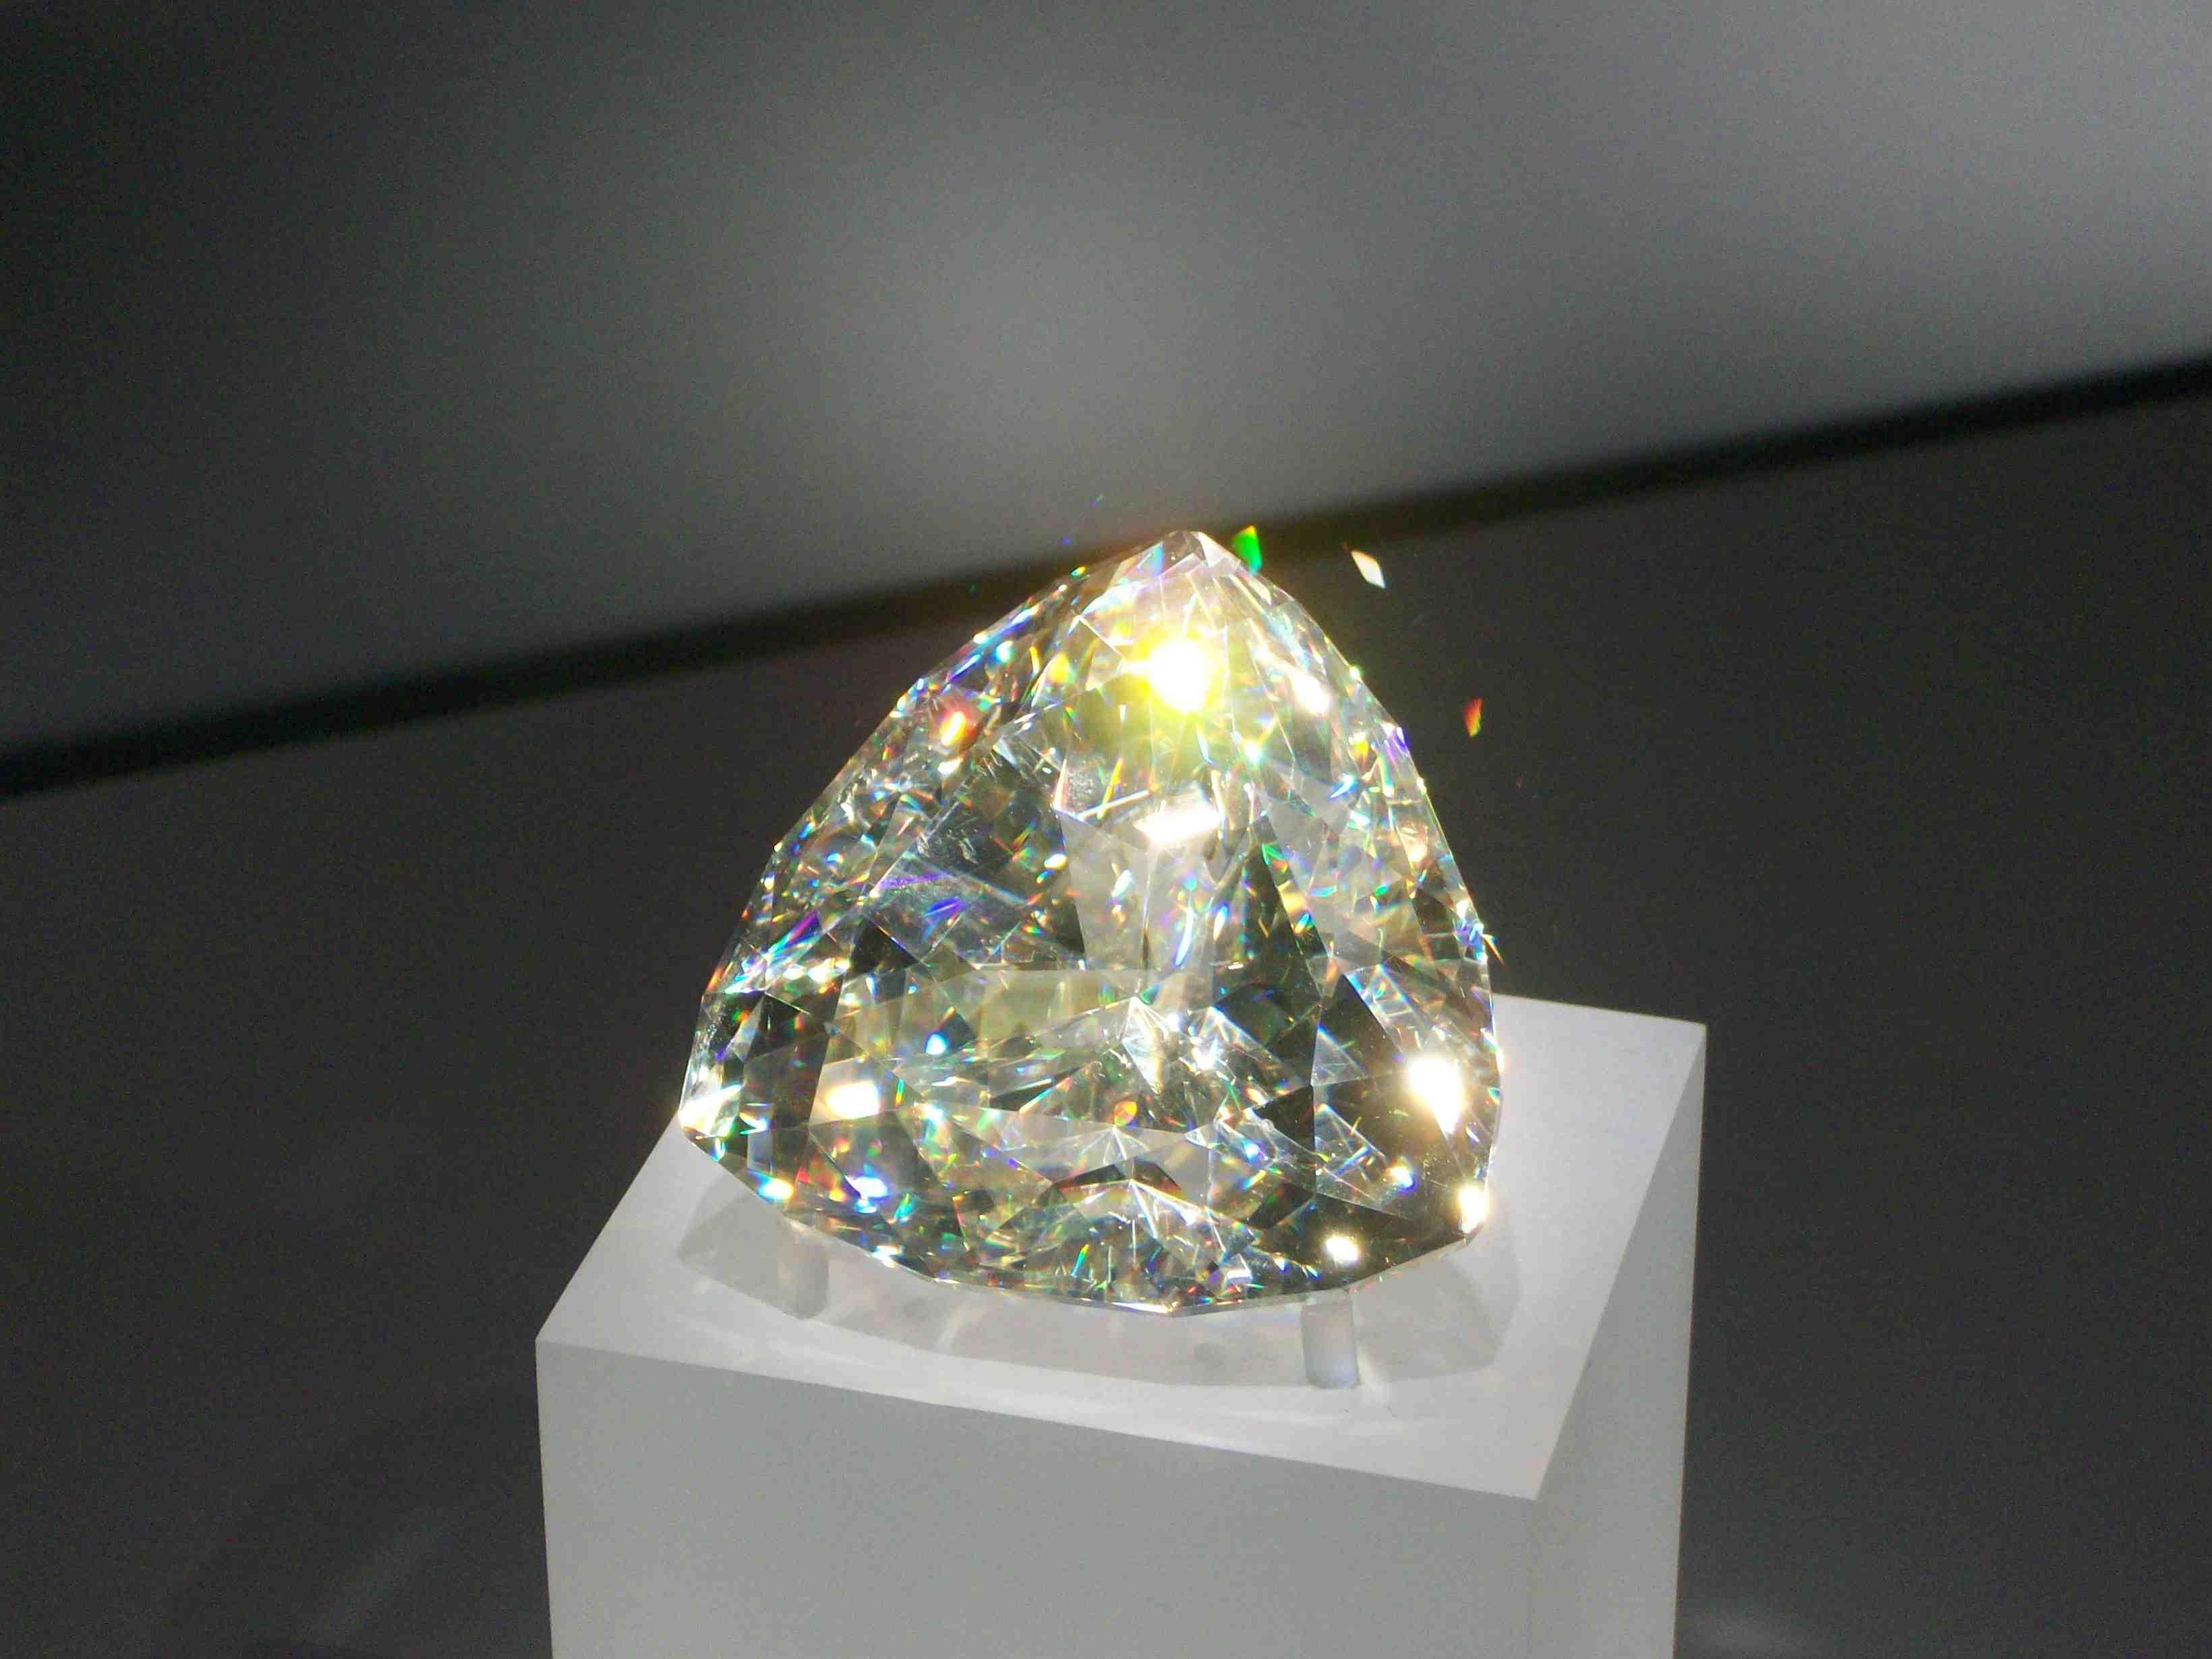 gemstone dispersion - cerussite & What is Gemstone Dispersion? - International Gem Society azcodes.com